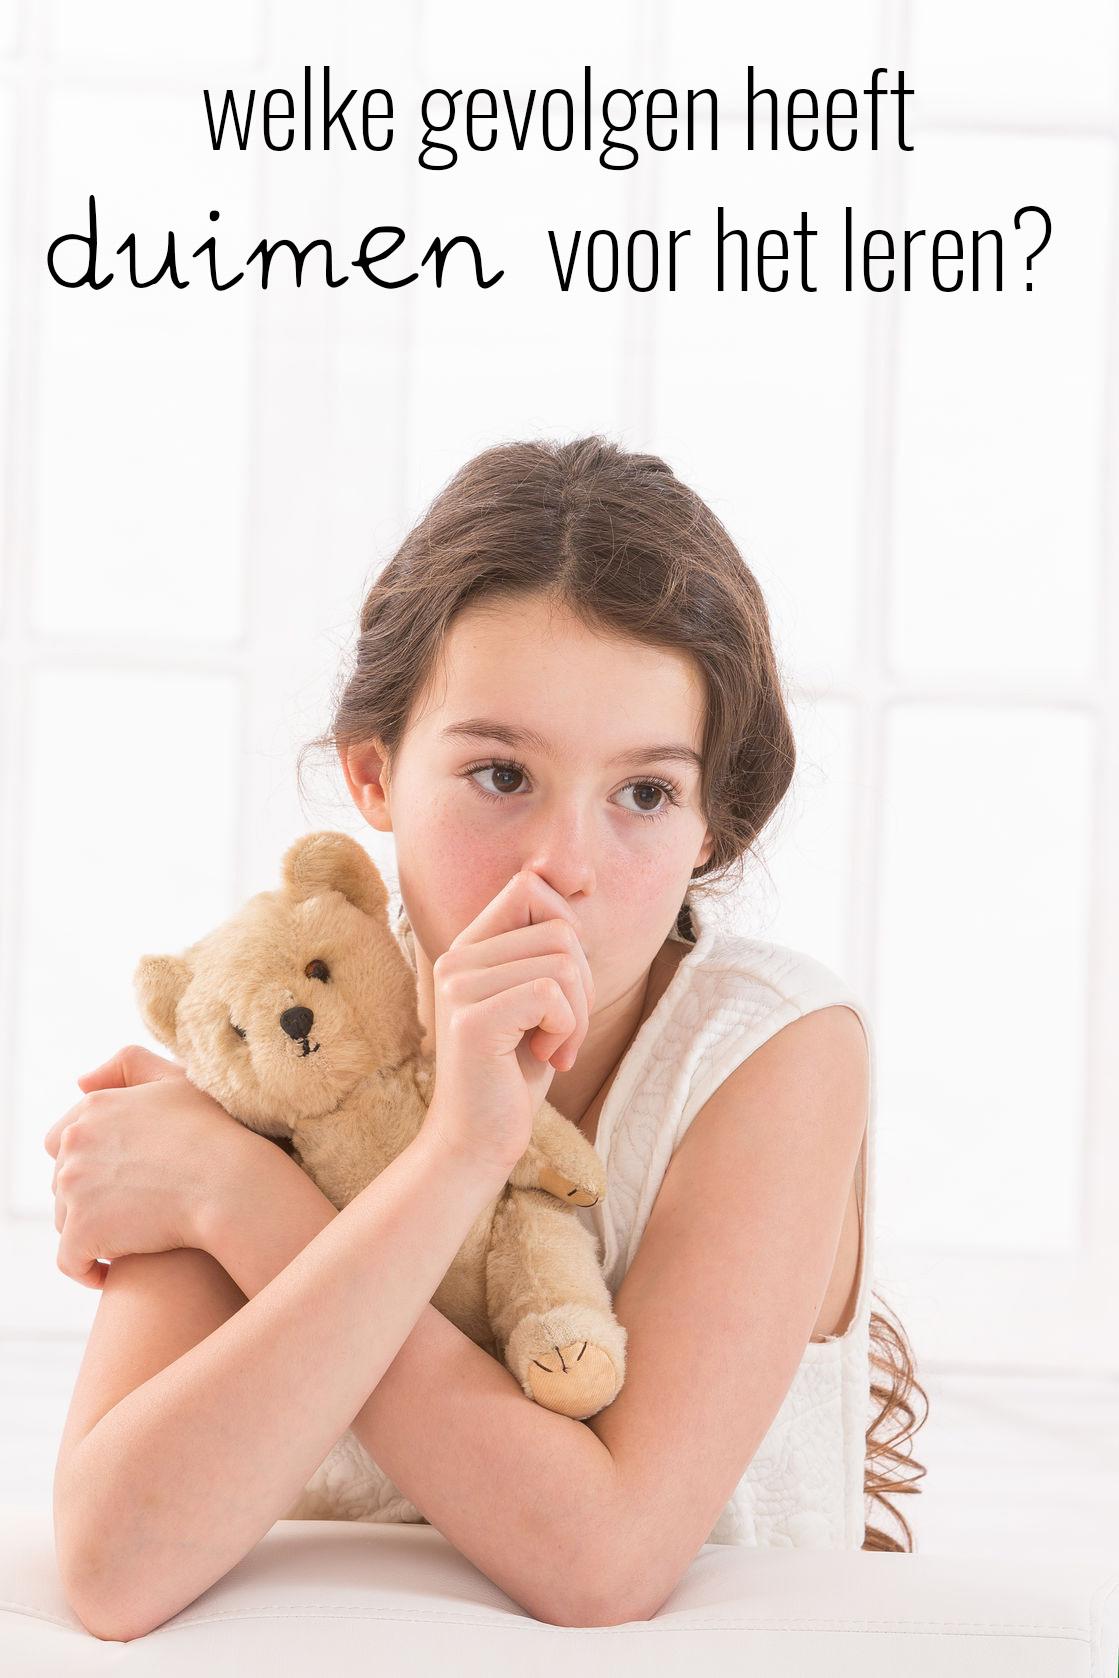 Welke gevolgen heeft duimen voor het leren?